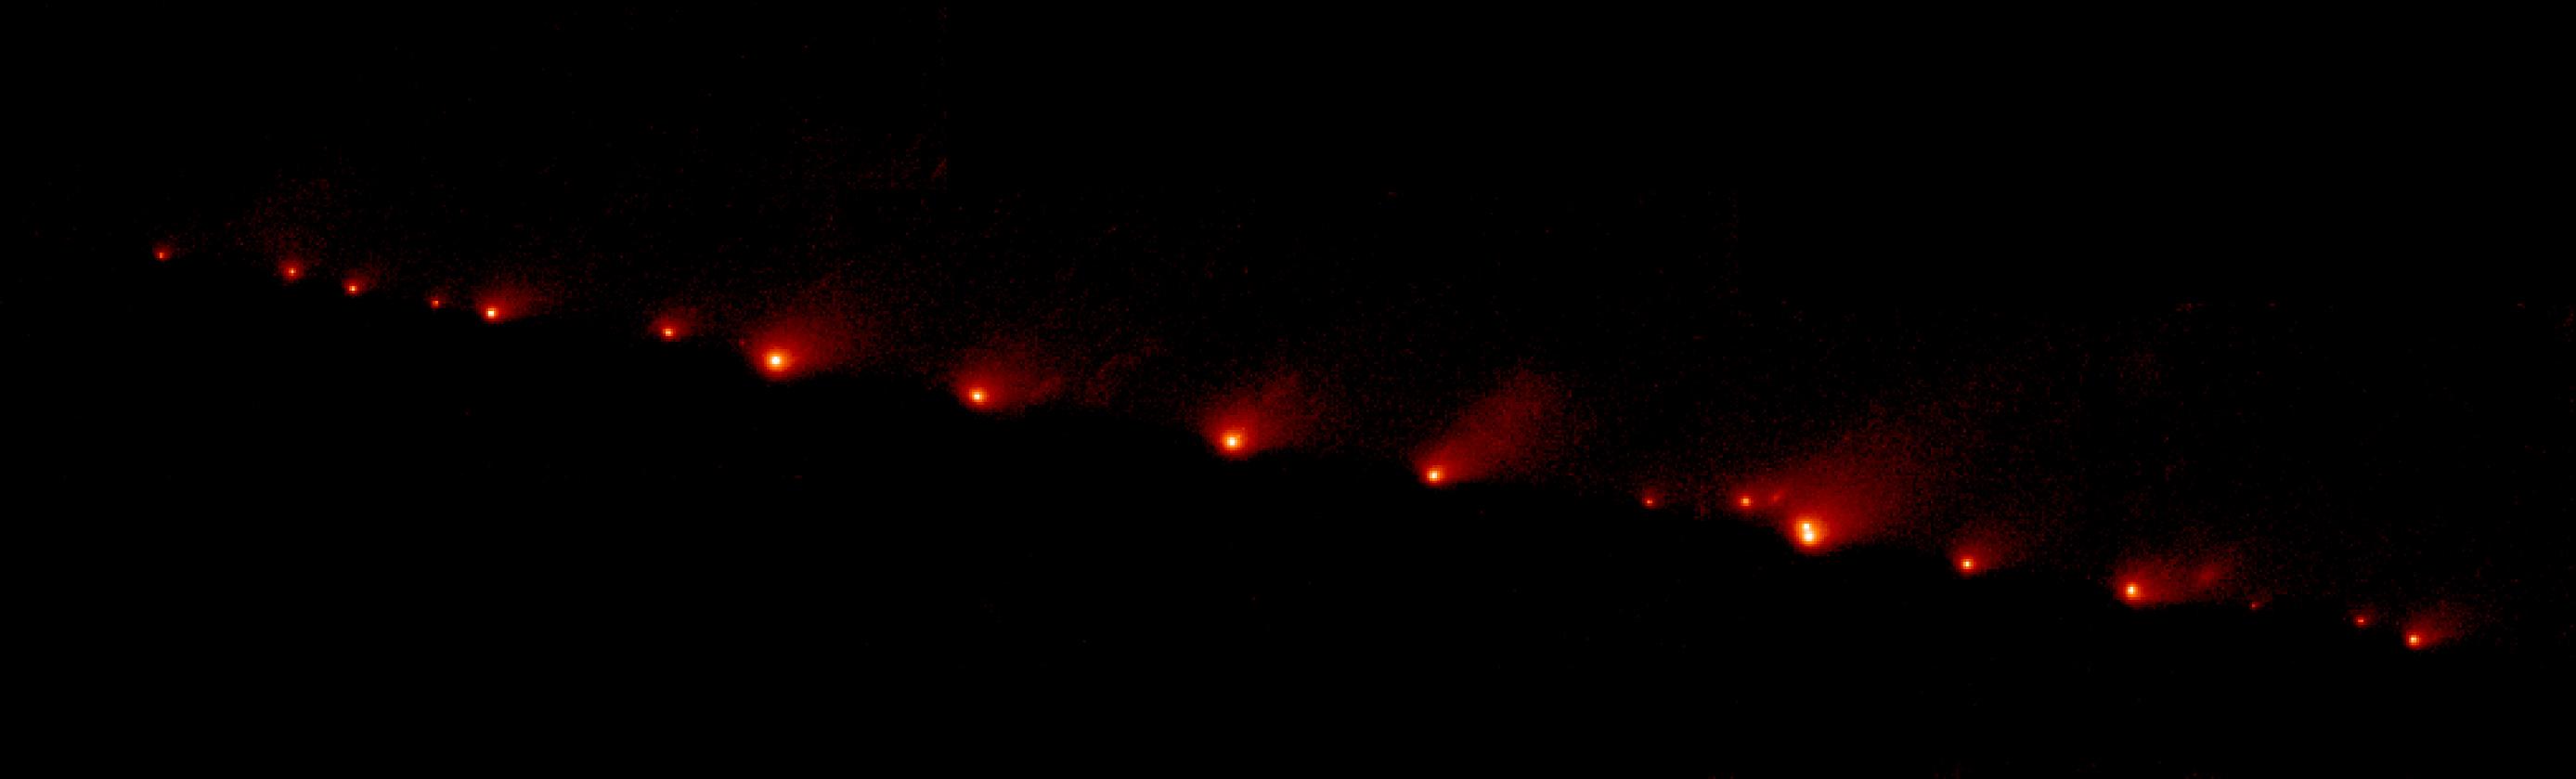 Hubble · 21 blazing fragments of Comet Shoemaker-Levy 9